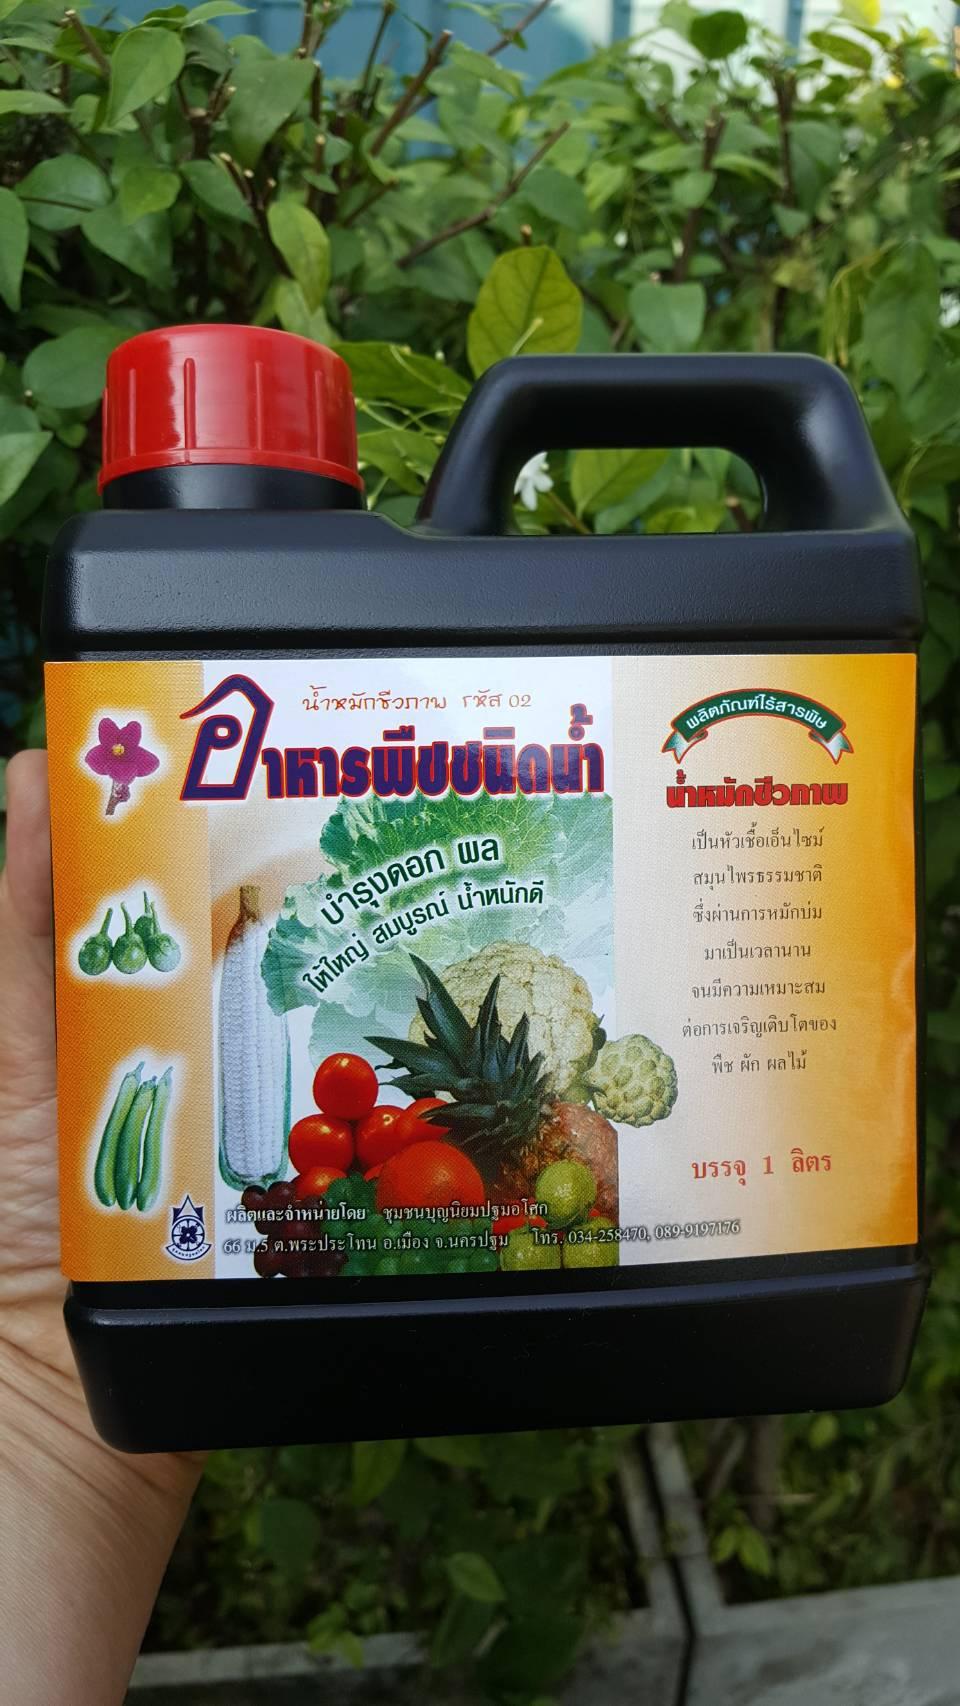 อาหารพืชชนิดน้ำ บำรุงดอกผล ให้ต้นใหญ่น้ำหนักดี 1 ลิตร